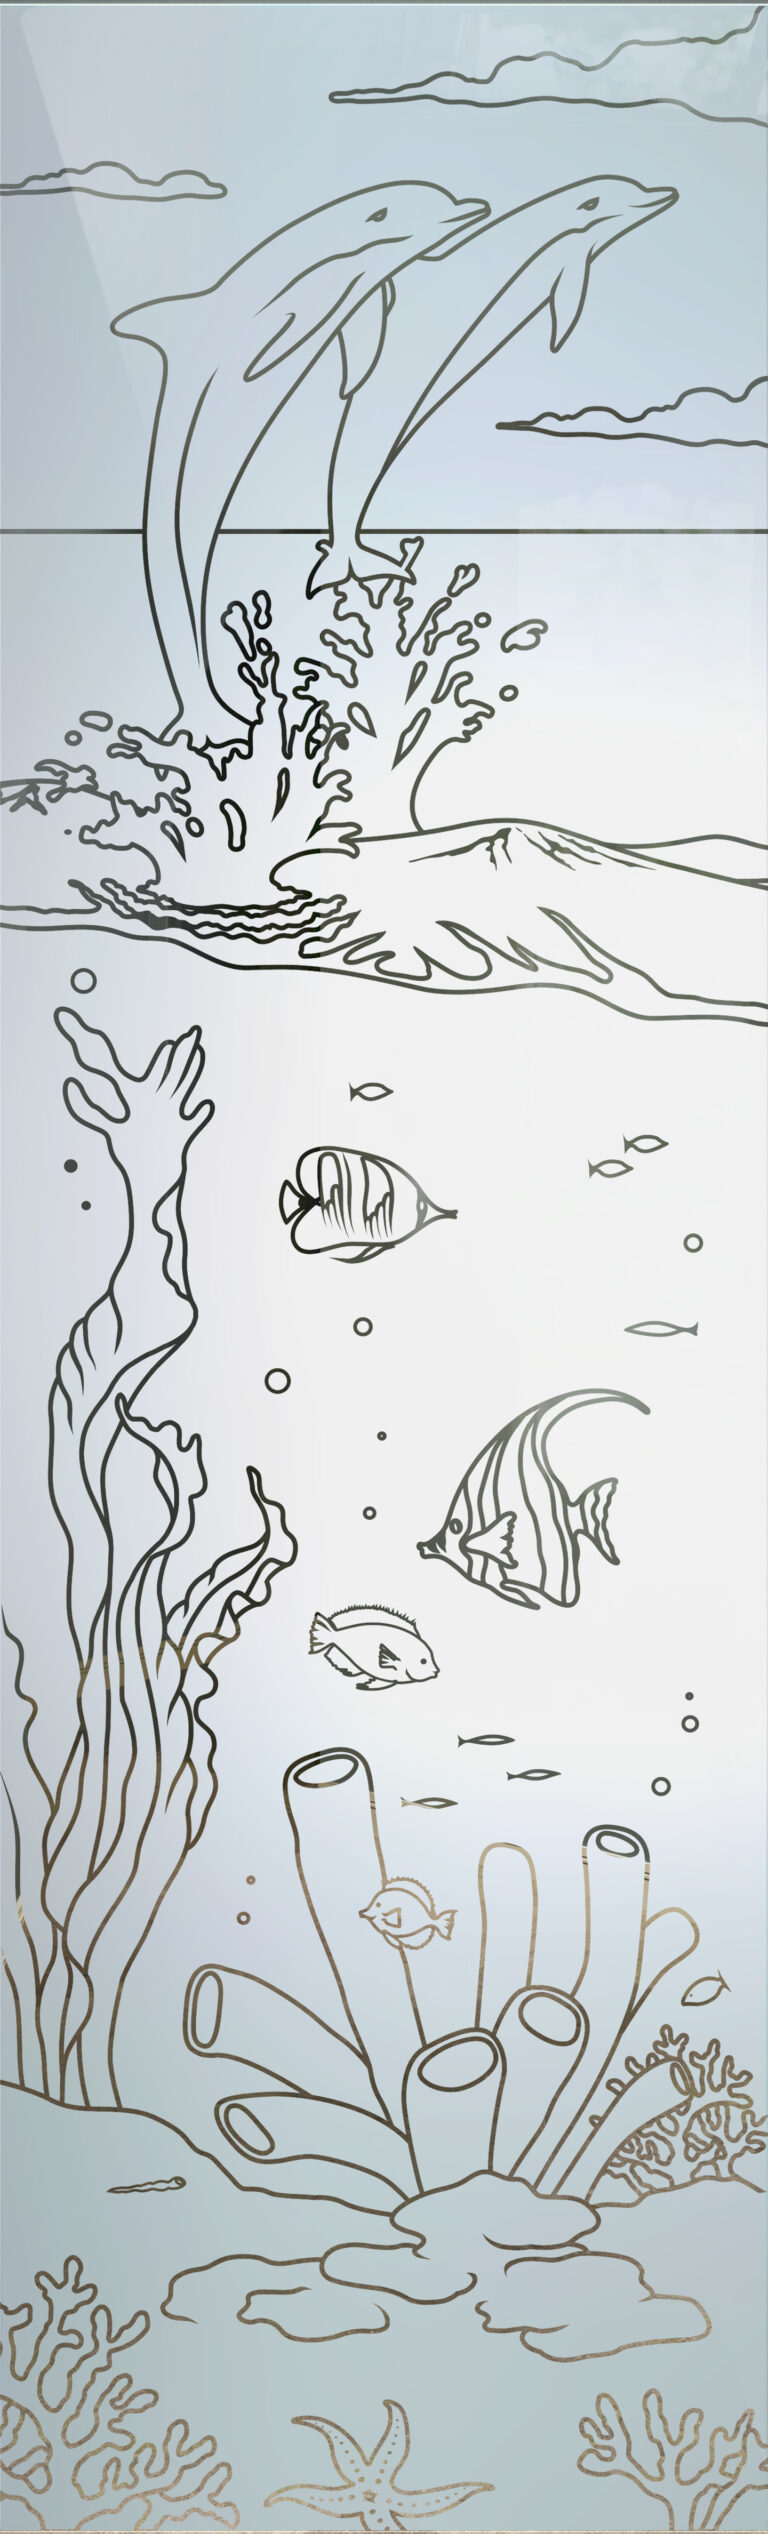 Aquarium Dolphins